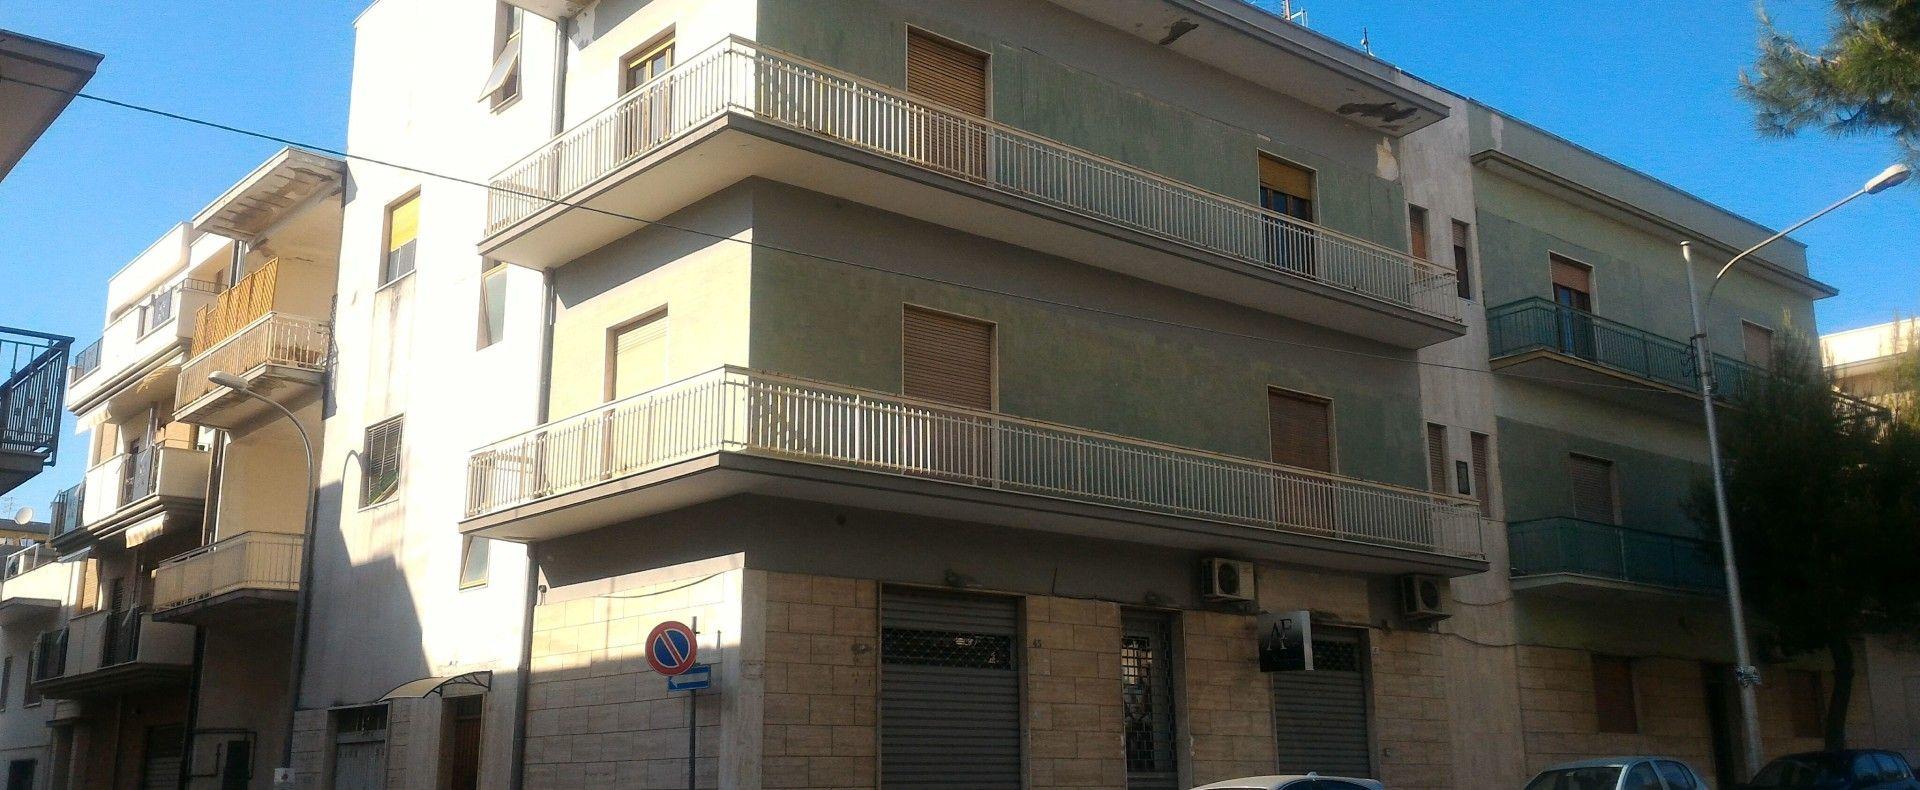 Appartamento via Medaglie D'Oro Grottaglie